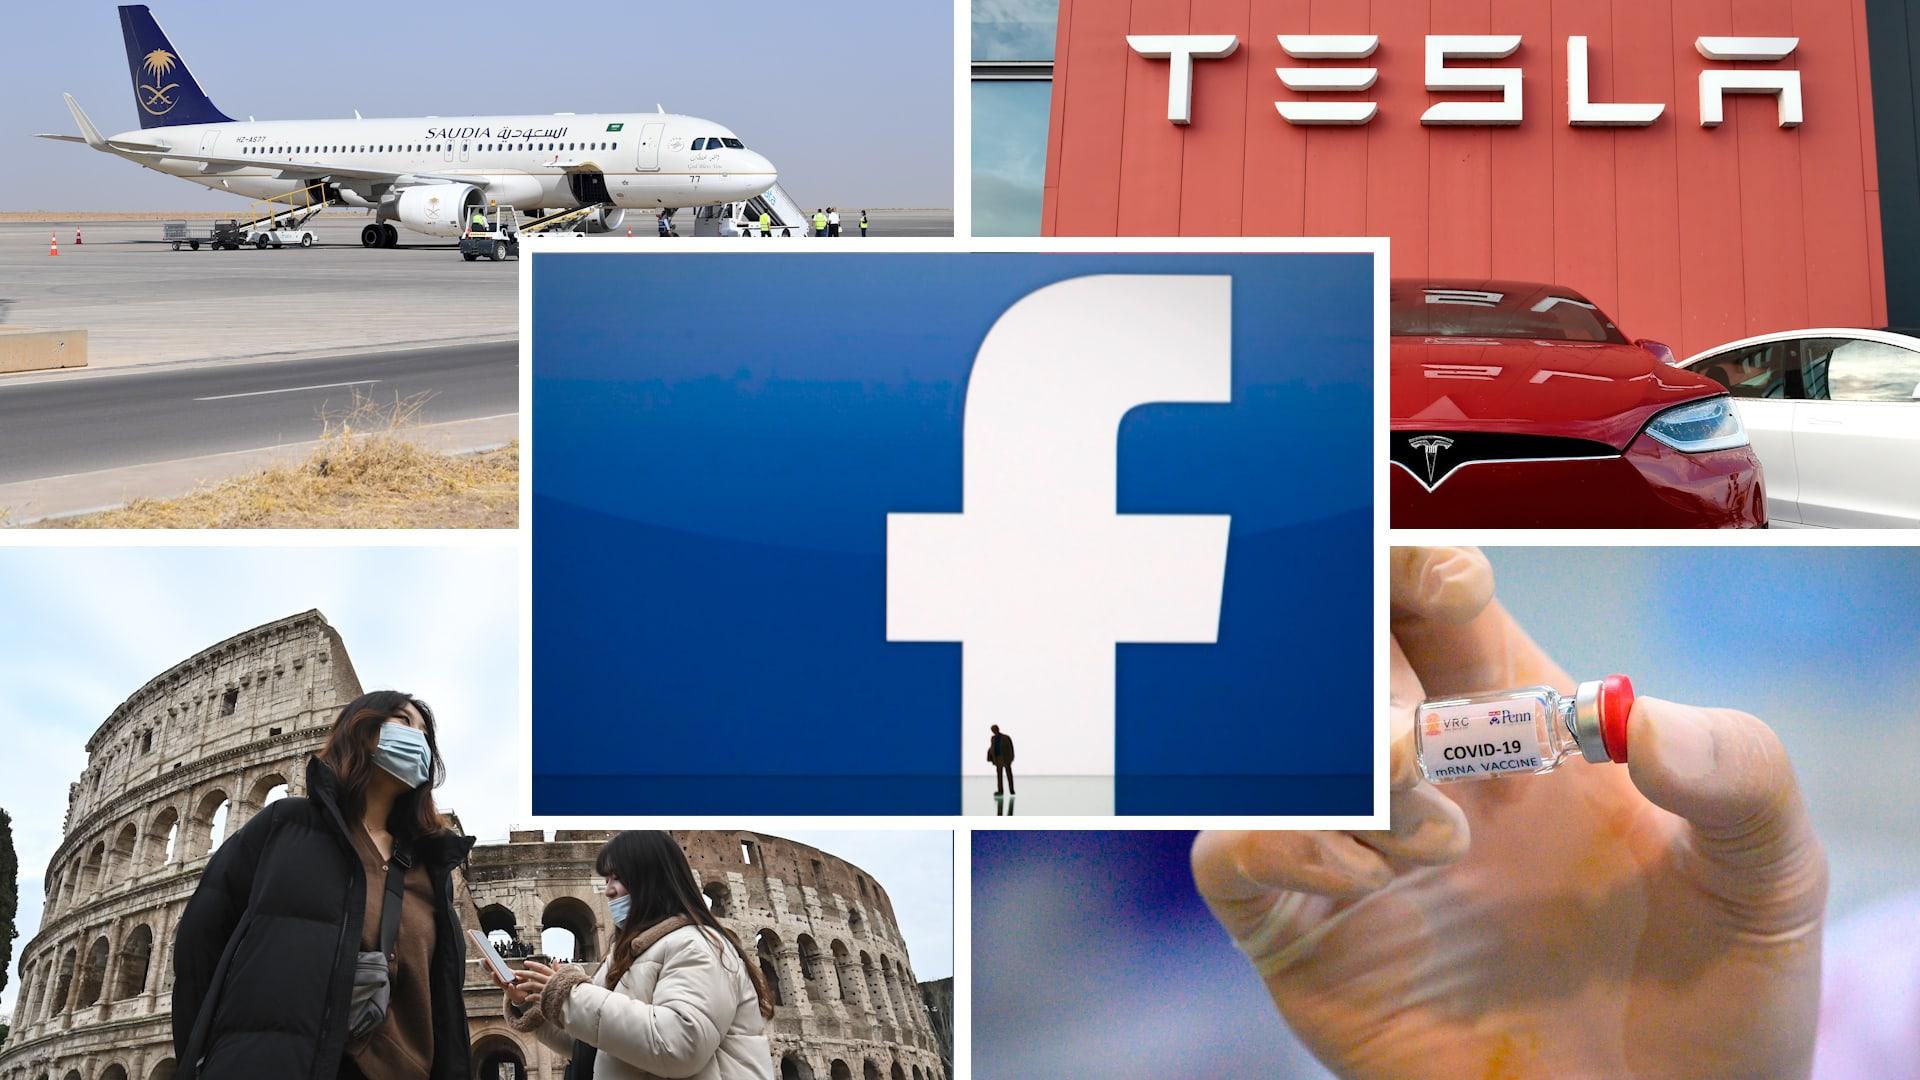 بزنس في أسبوع: فيسبوك تنضم إلى نادي الترليون دولار.. وهذه خطة السعودية لقطاع النقل